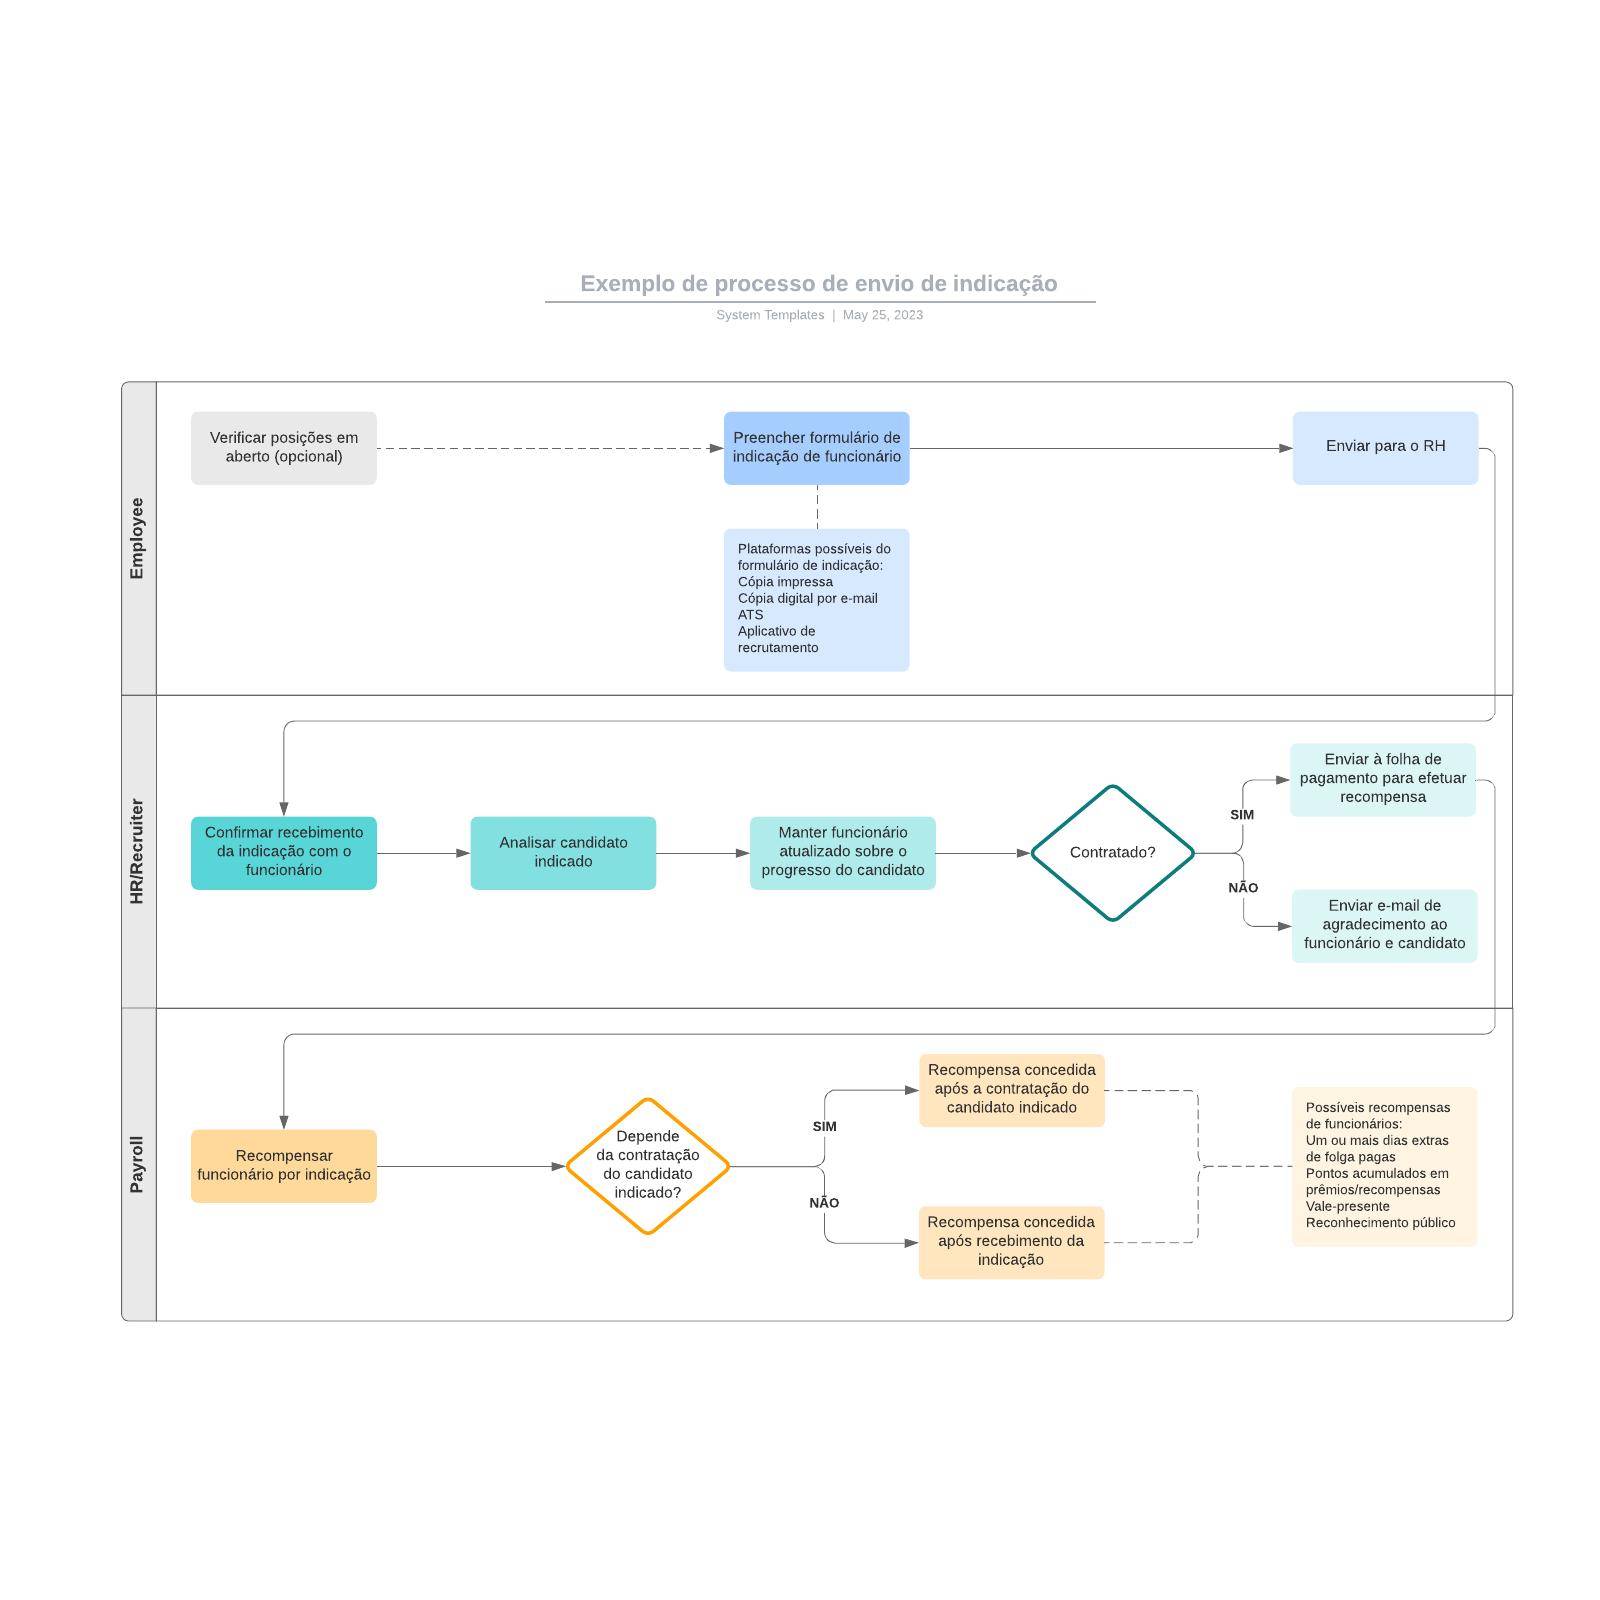 Exemplo de processo de envio de indicação